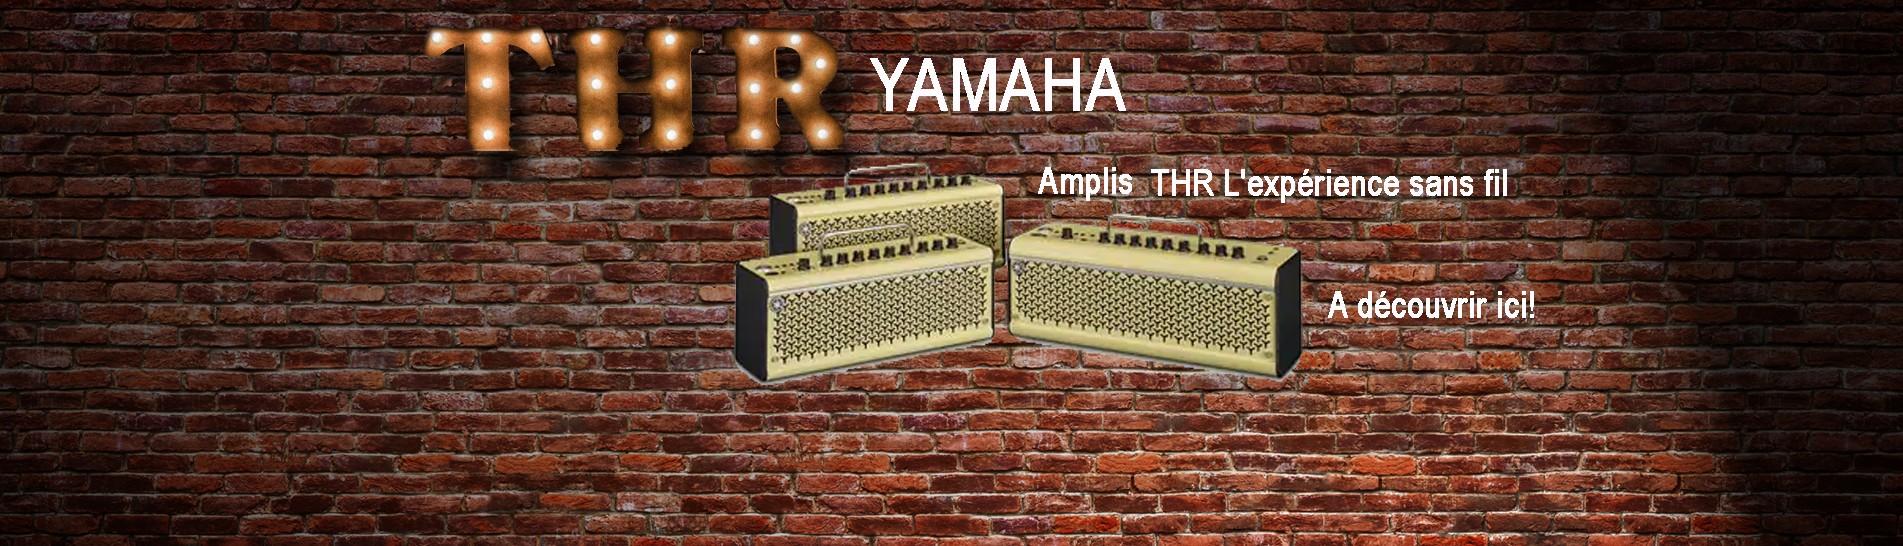 amplis yamaha THR